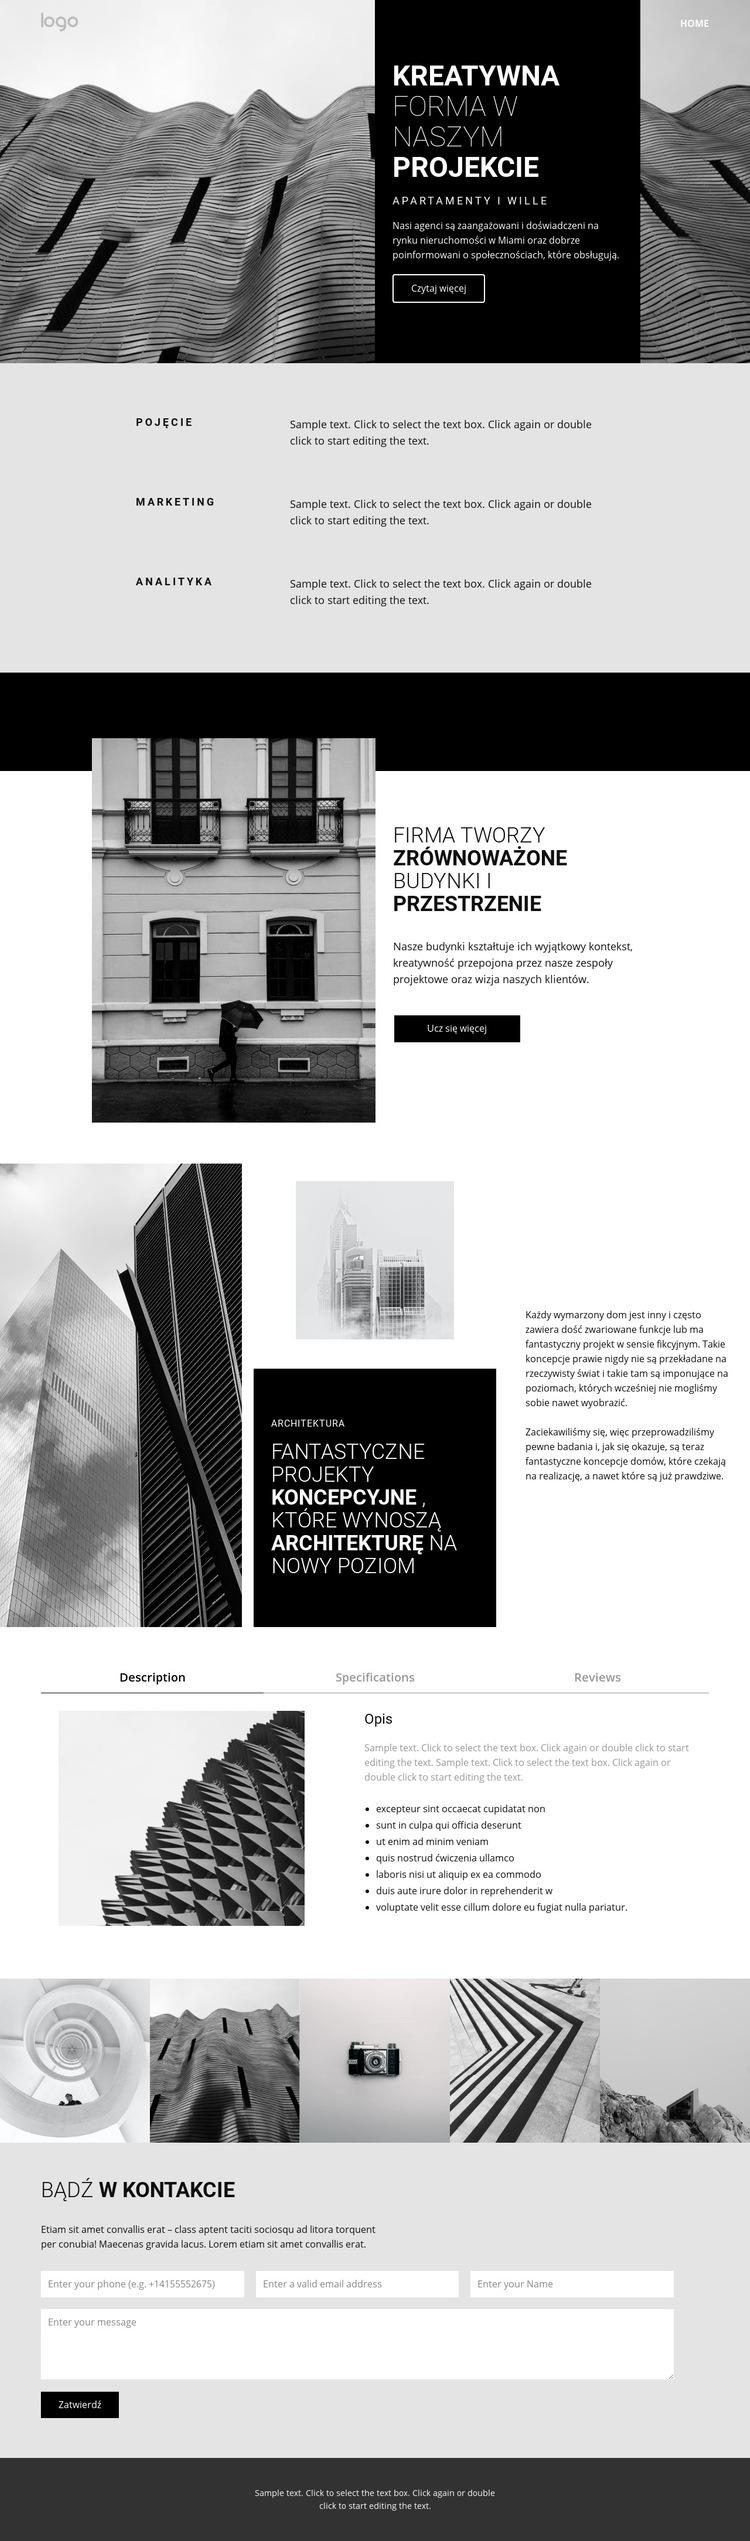 Kreatywna architektura koncepcyjna Szablon witryny sieci Web